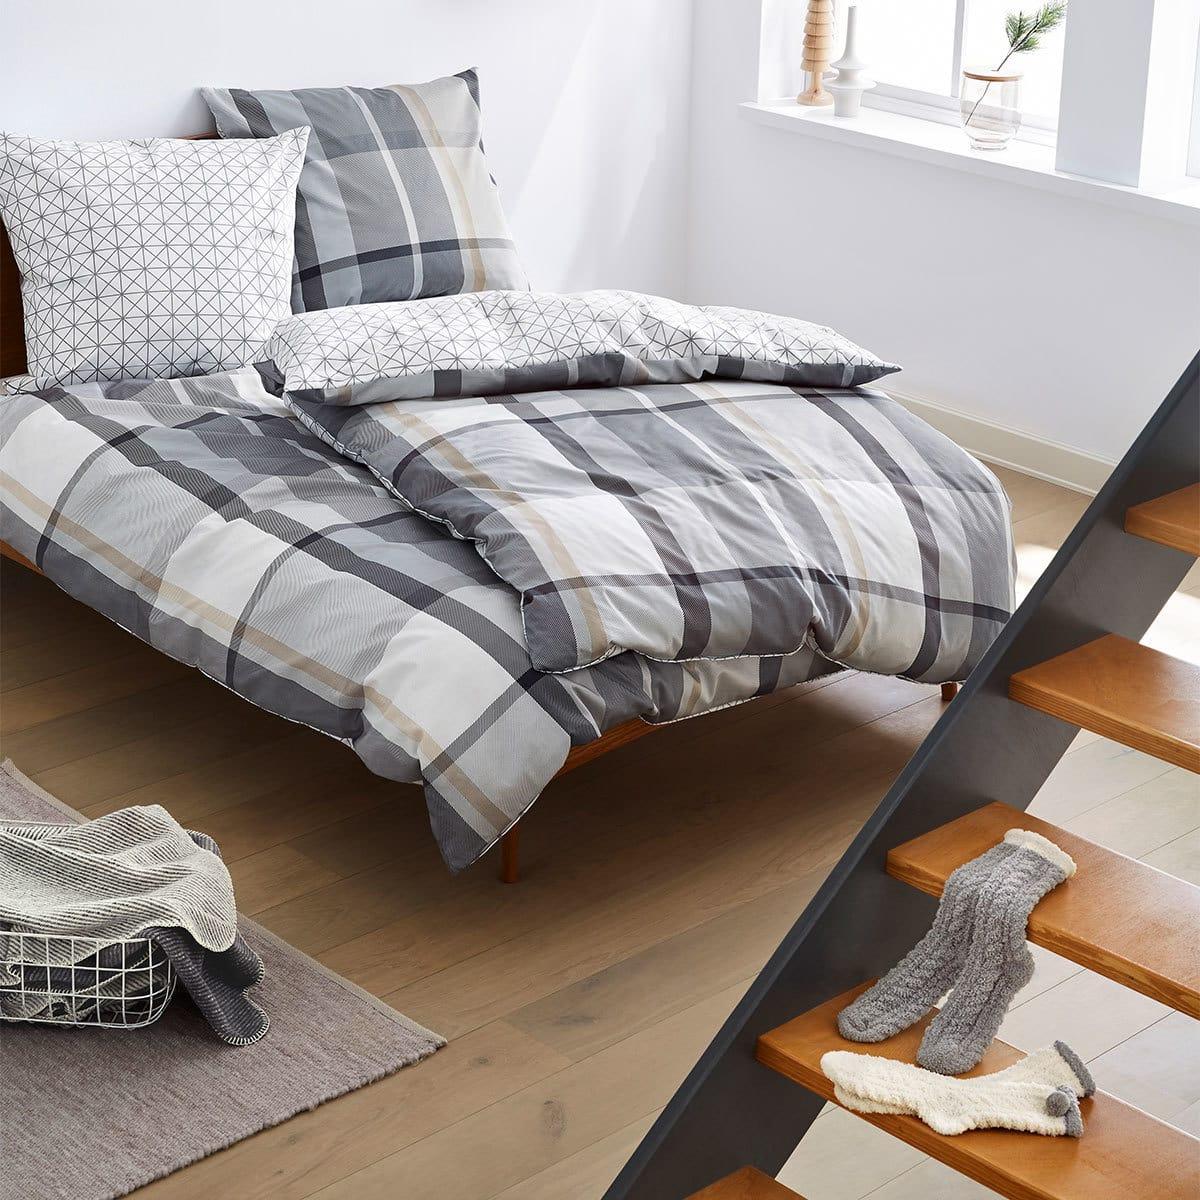 s oliver flanellbettw sche geschenkset 6 tlg mit socken. Black Bedroom Furniture Sets. Home Design Ideas